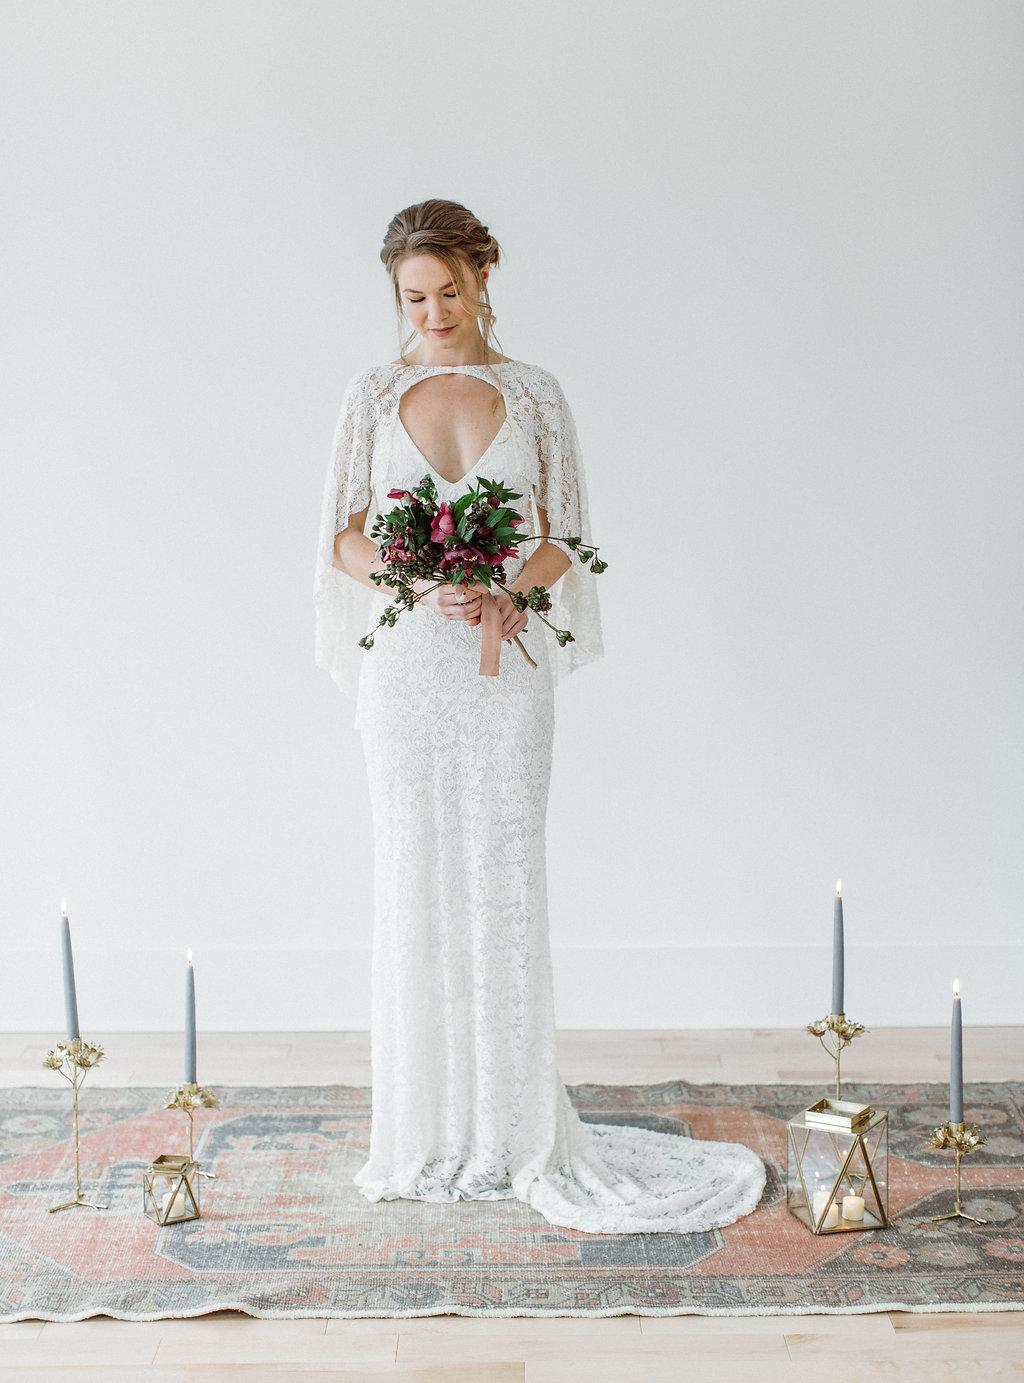 Everthine-Bridal-Ashley-Largesse-21.jpg